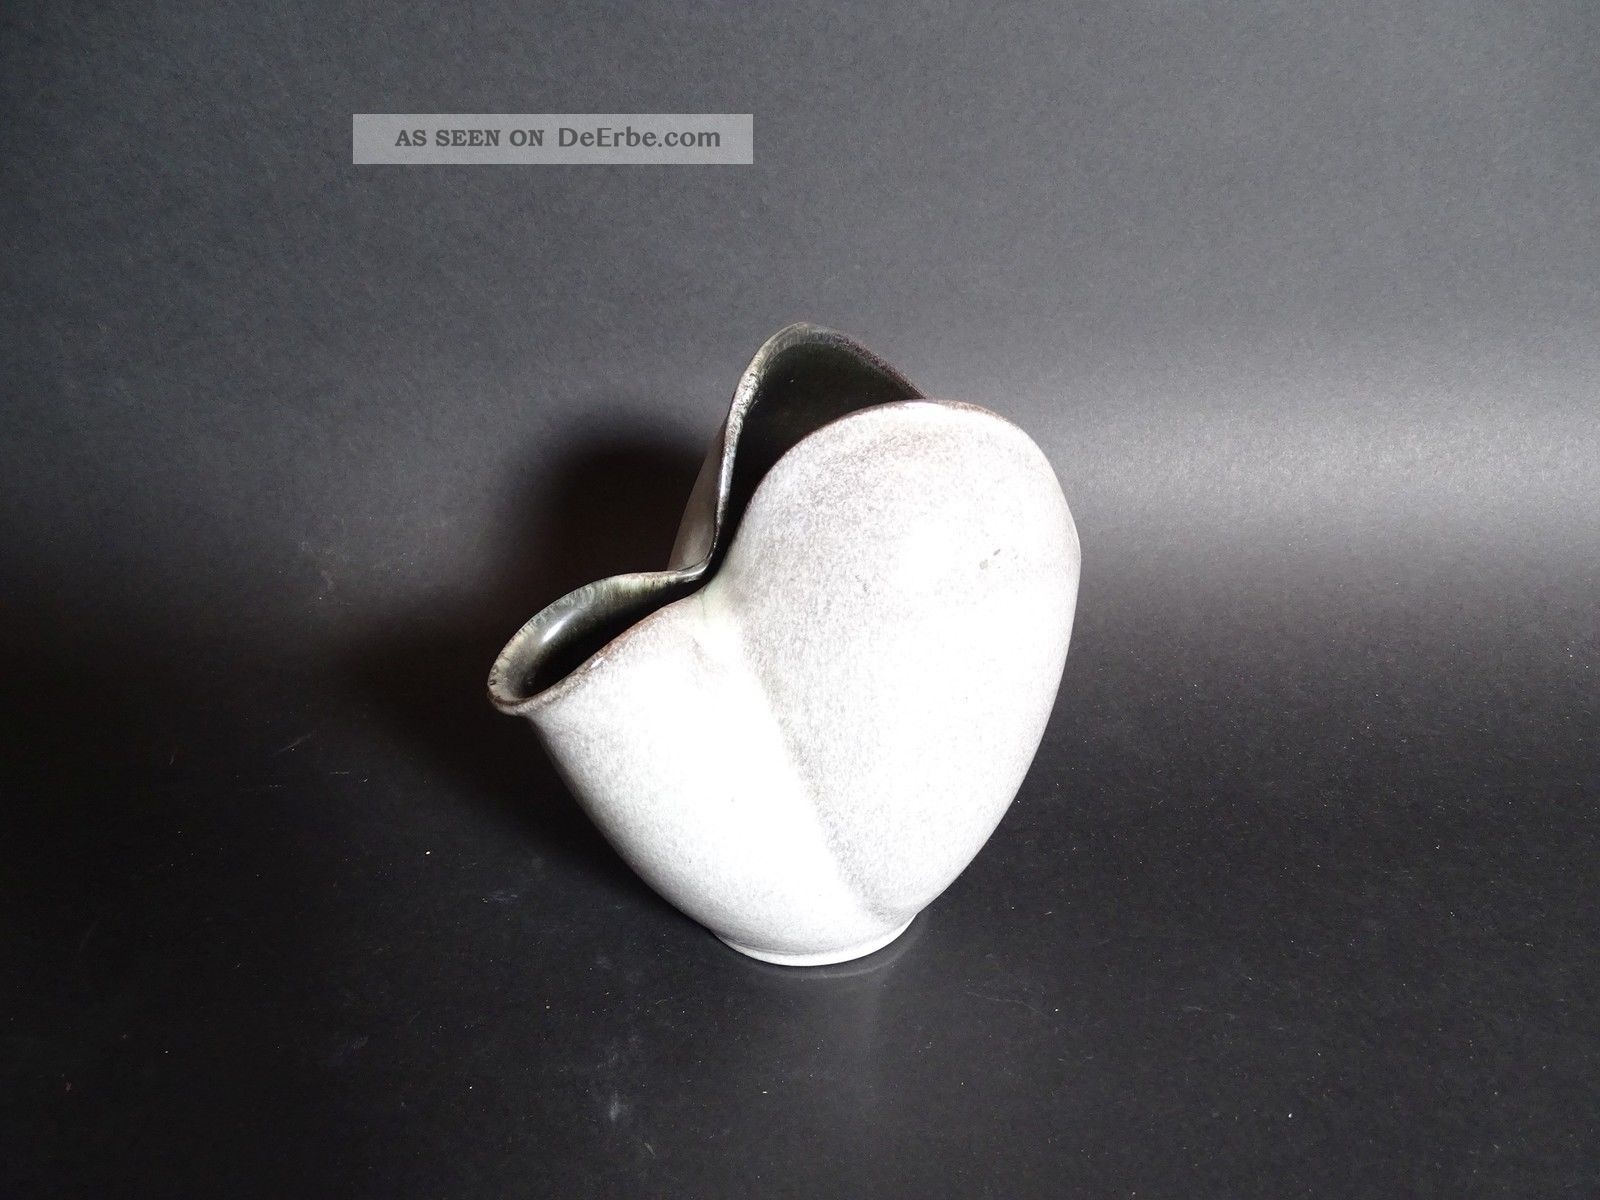 Sehr Seltene Organische Fritz Van Daalen Keramik Vase Aalen Nach Stil & Epoche Bild